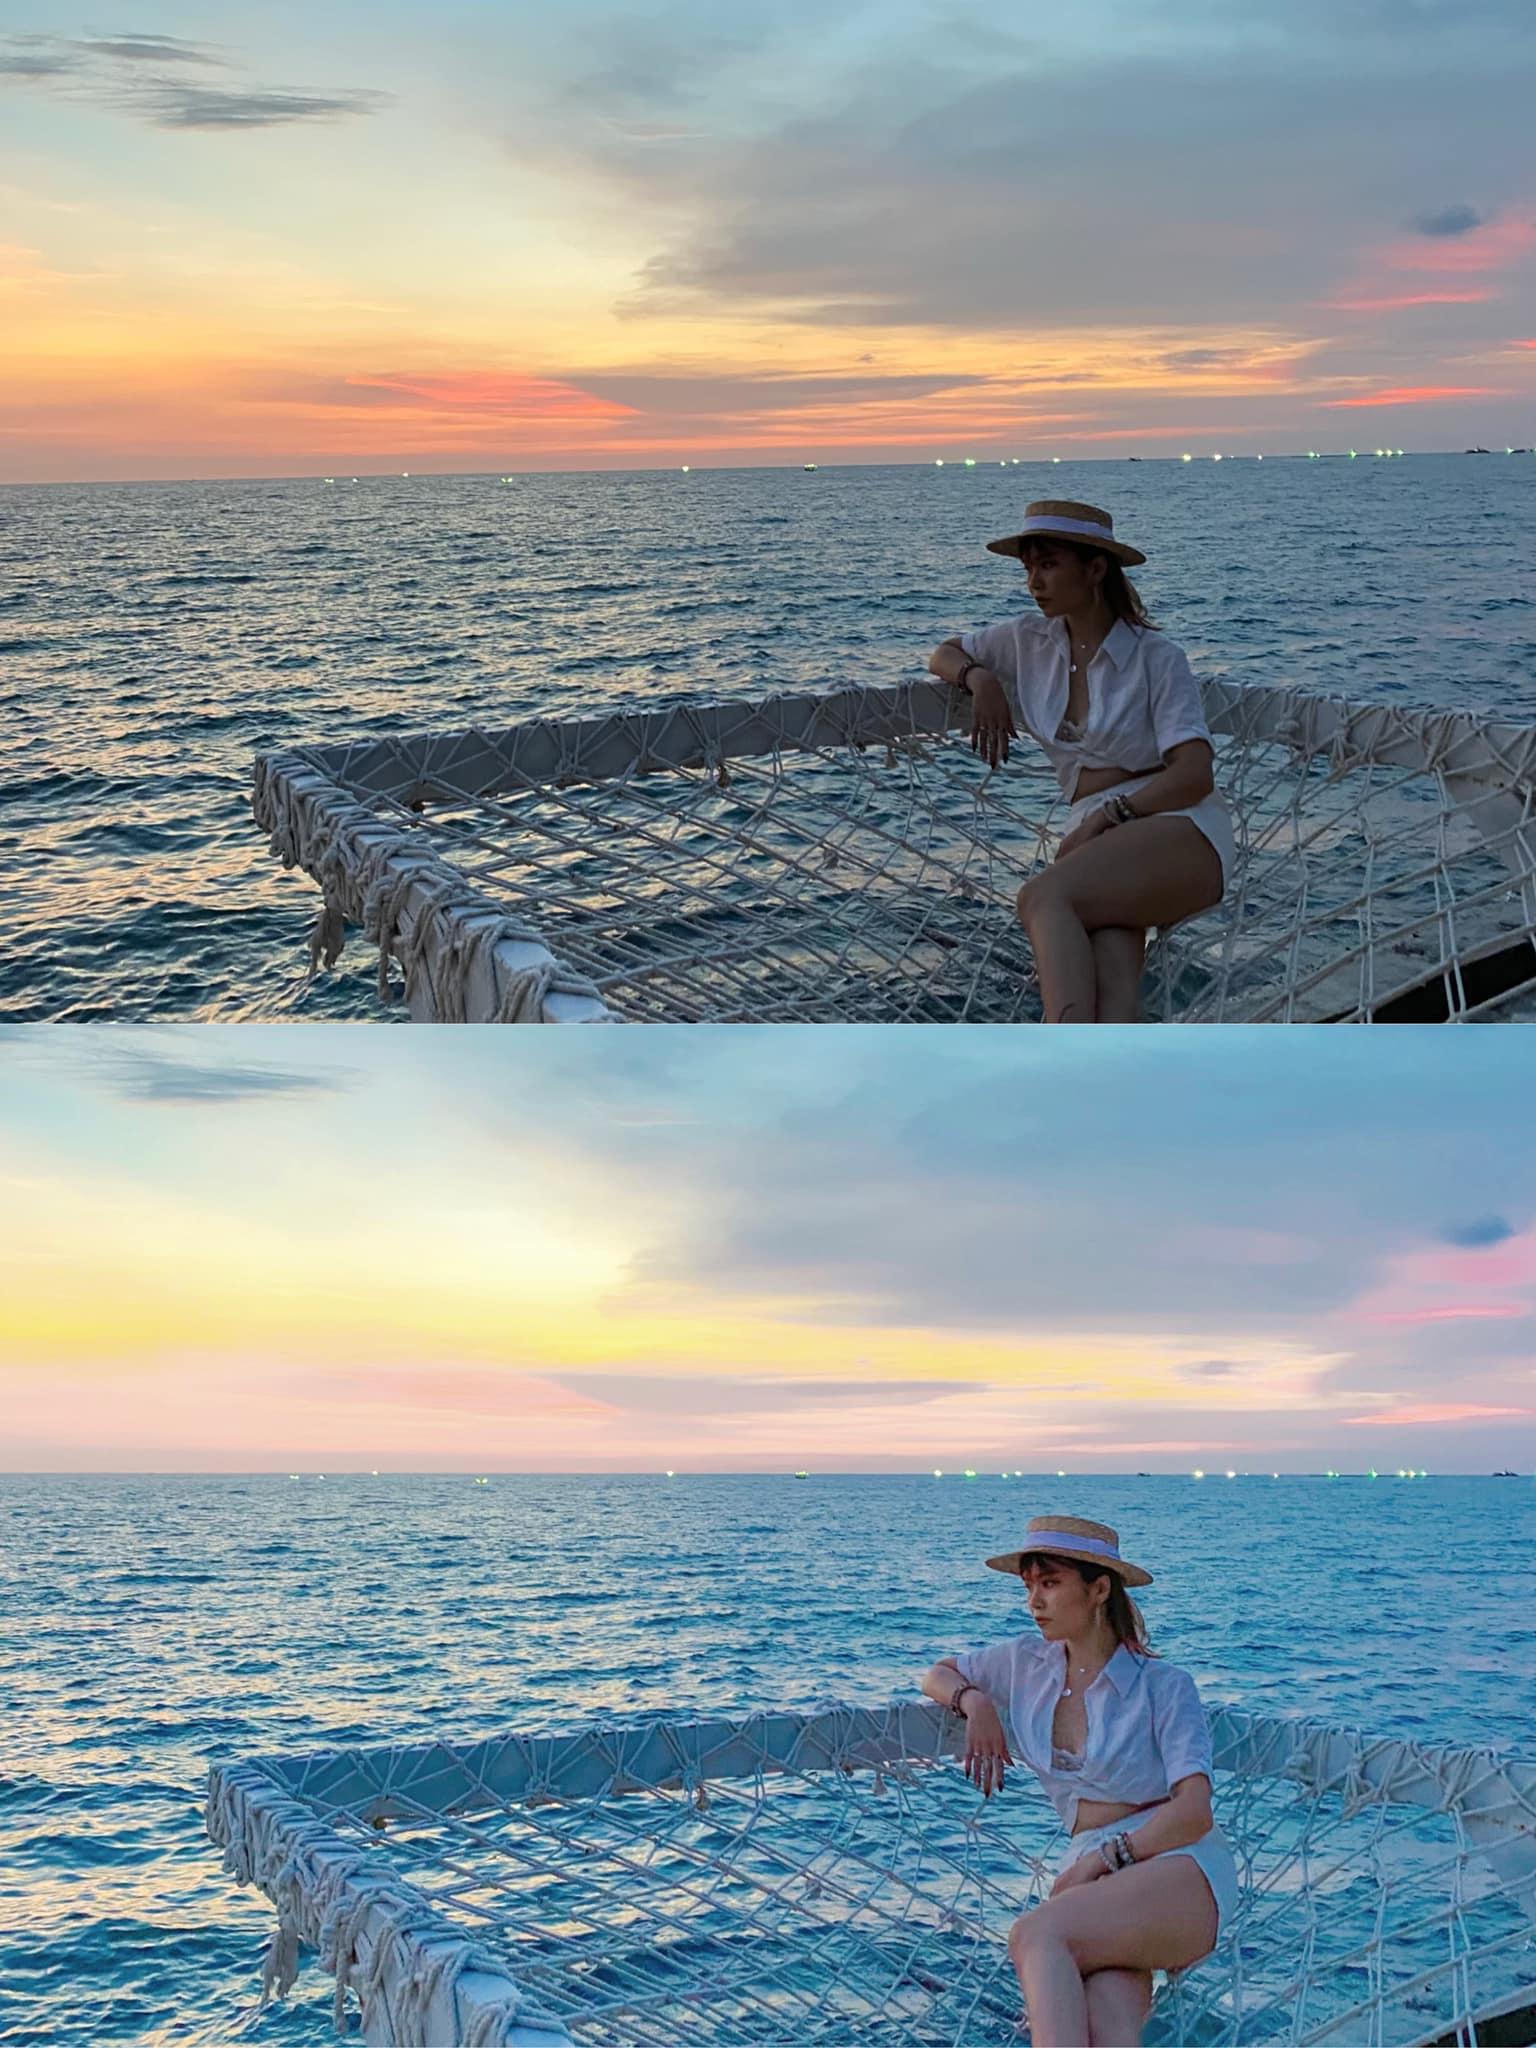 Bí kíp để có những bức hình đẹp ở Phú Quốc bức hình đẹp ở phú quốc - bi-kip-de-co-nhung-buc-hinh-dep-o-phu-quoc-3 - Bí kíp để có những bức hình đẹp ở Phú Quốc 🥰🥰